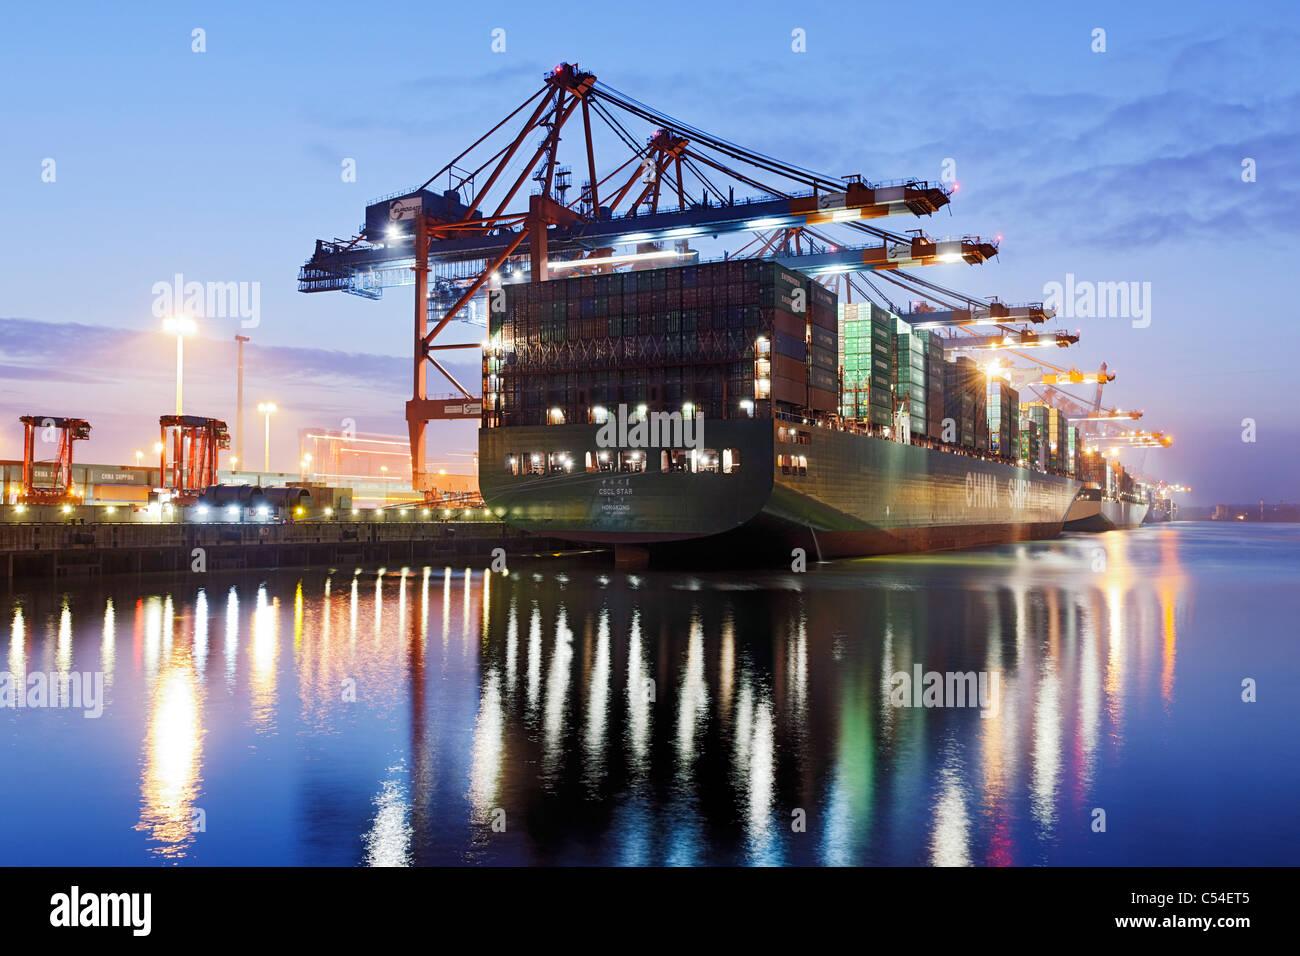 Buque portacontenedores CSCL ESTRELLA de Hong Kong, uno de los mayores portacontenedores del mundo, Eurokai Container Imagen De Stock